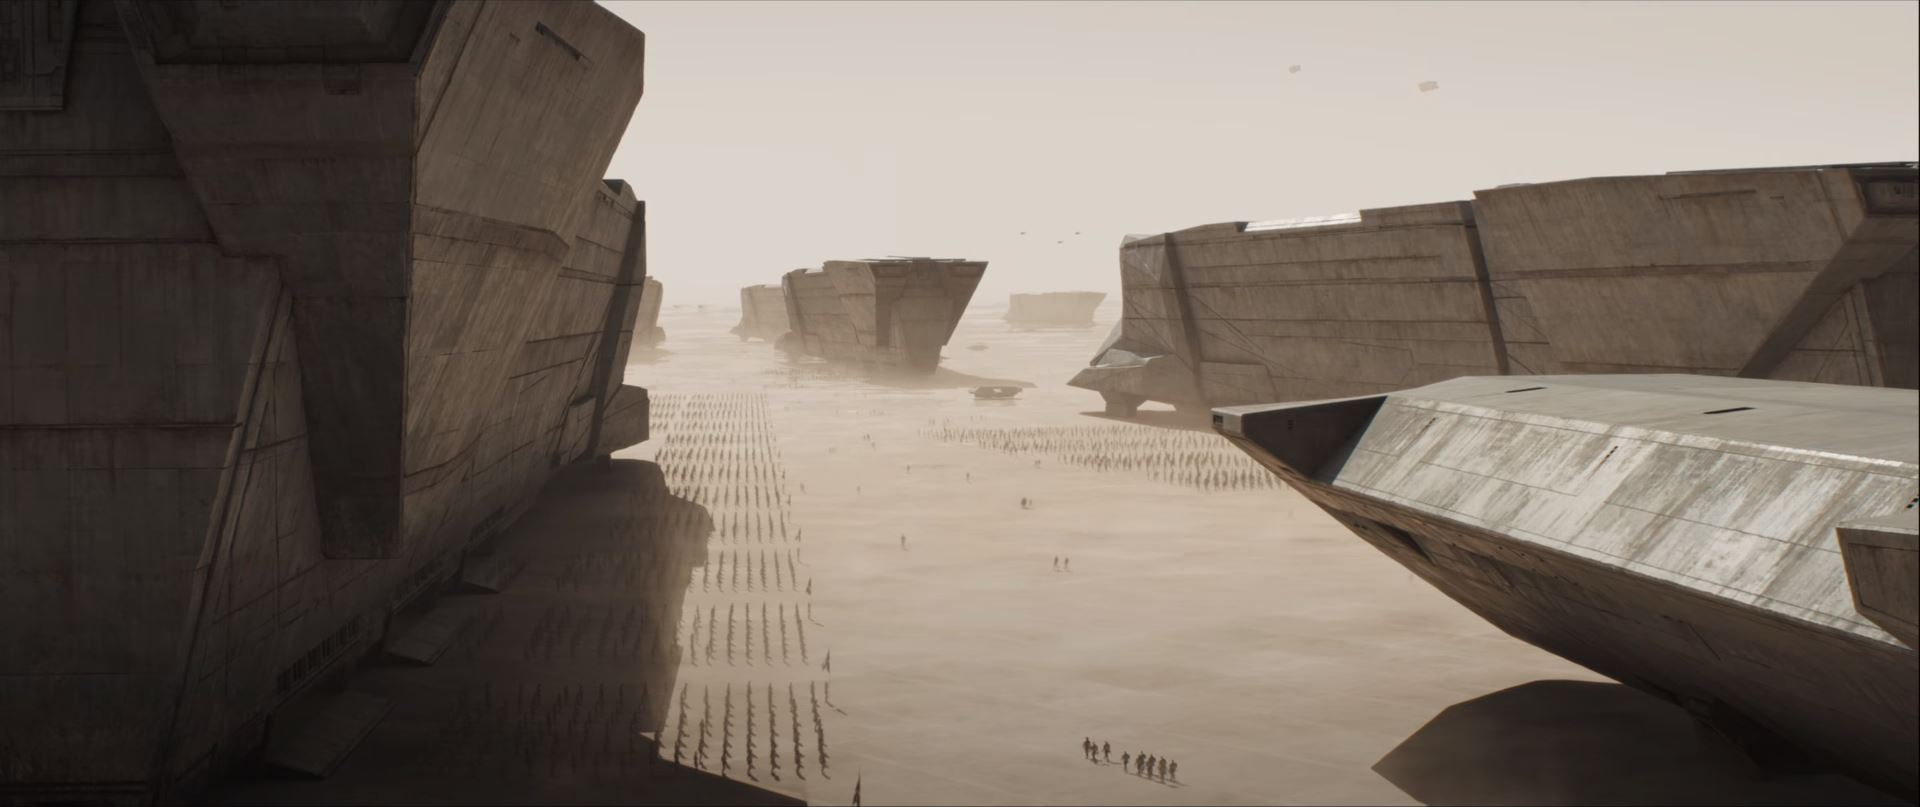 Dune movie trailer House Atreides landing on Arrakis